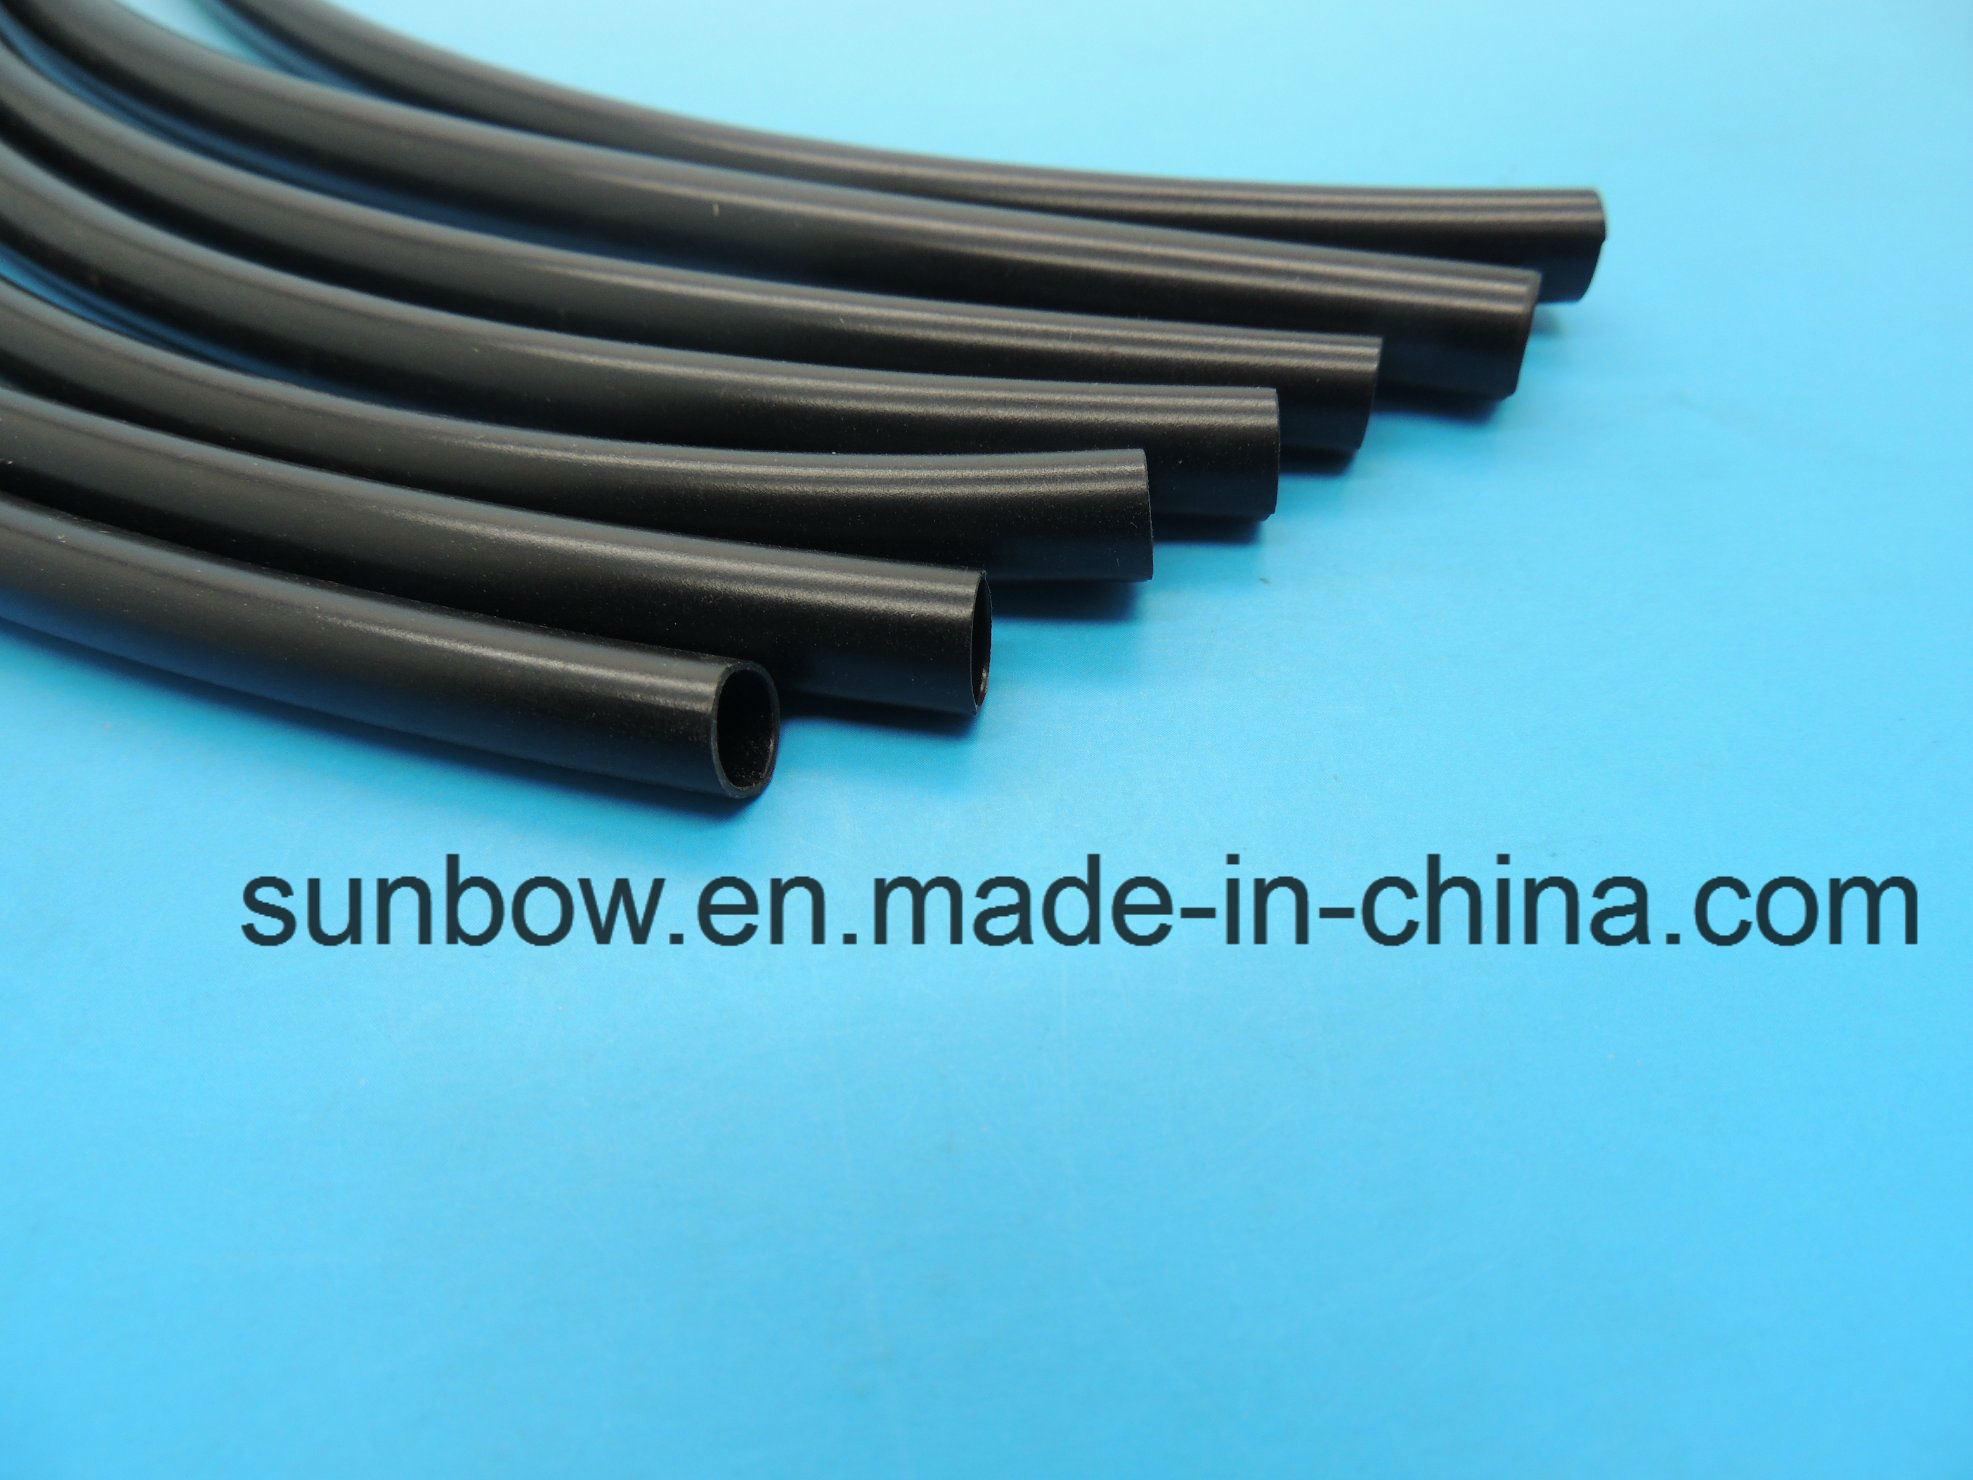 China Flexible PVC Clear Vinyl Tubing - China PVC Tubing, Flame ...